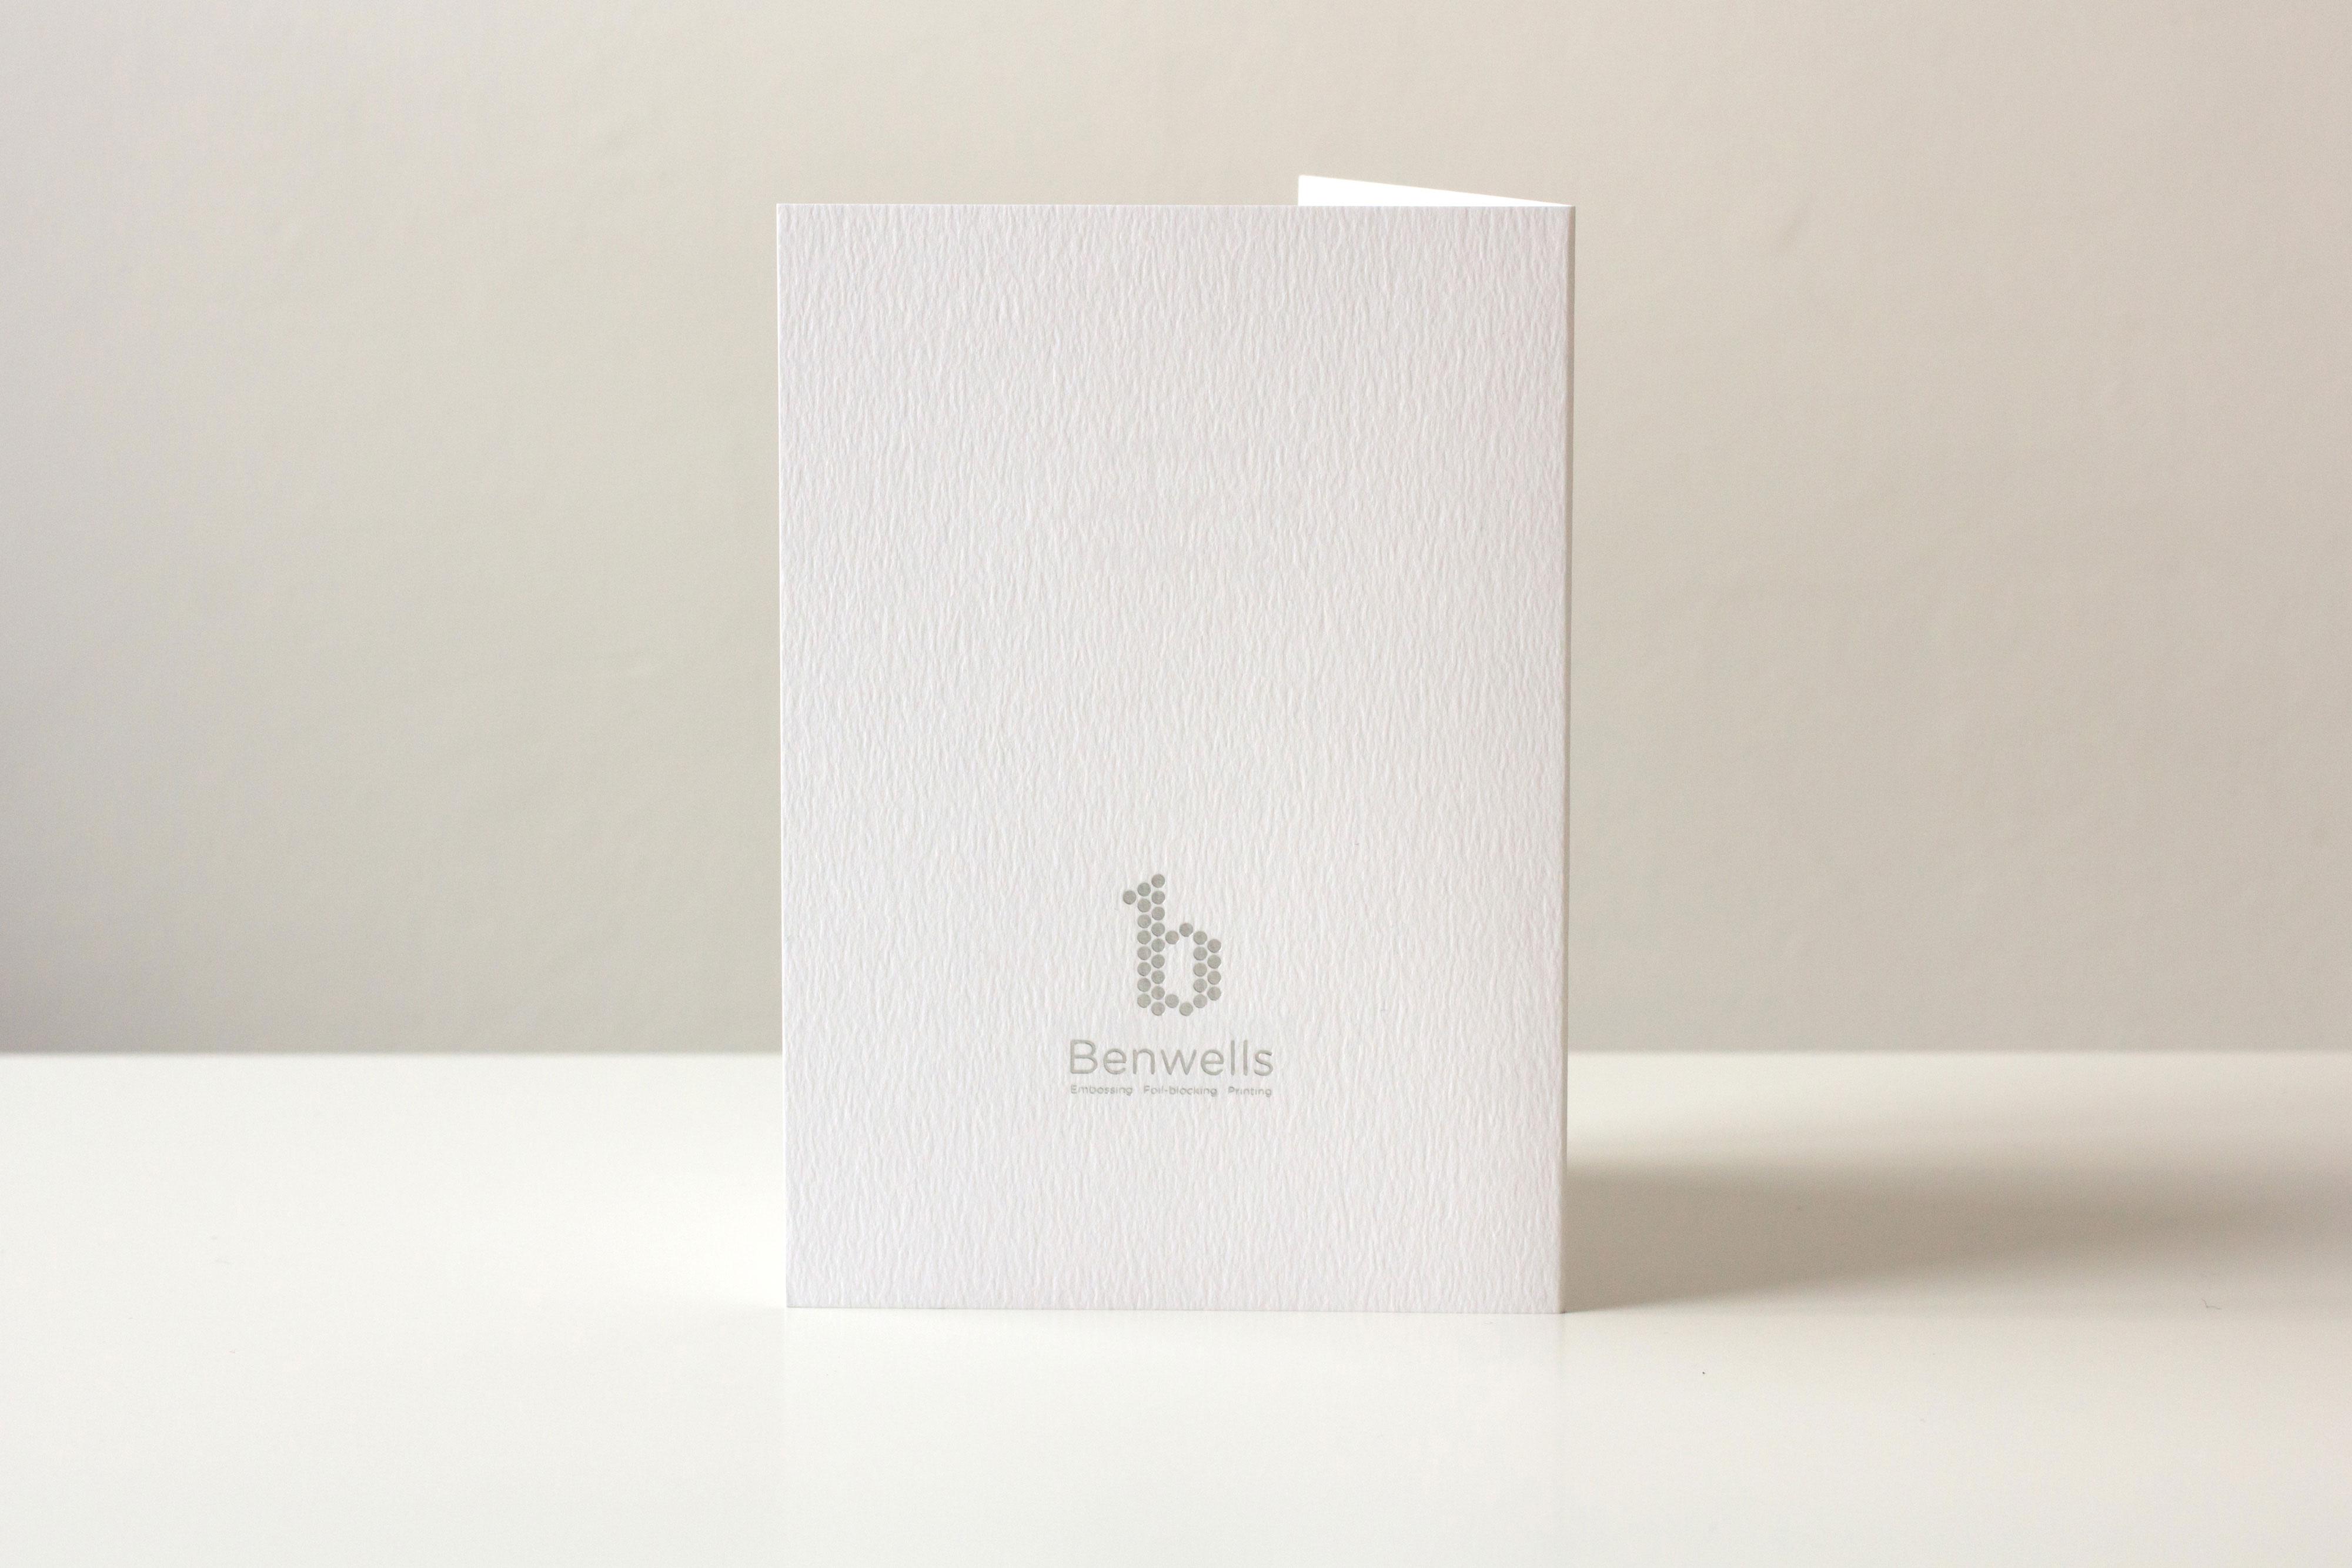 Benwells_card_3